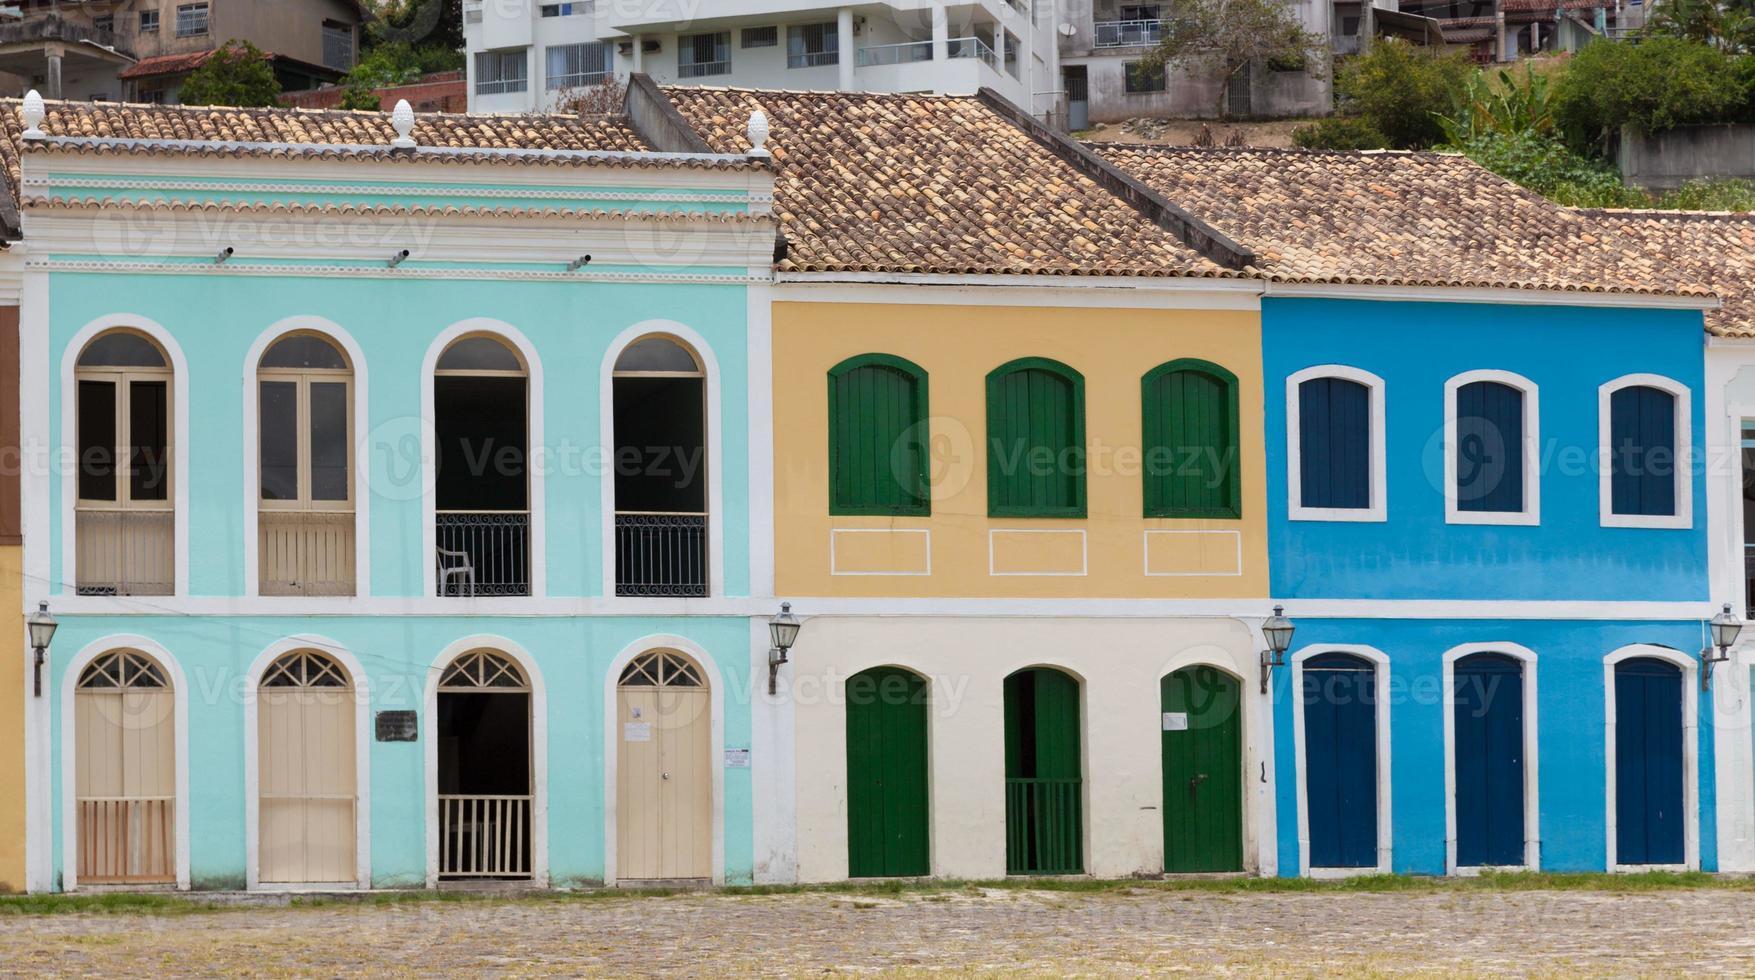 sao mateus, st. Matthew Espirito Santo Brasilien foto